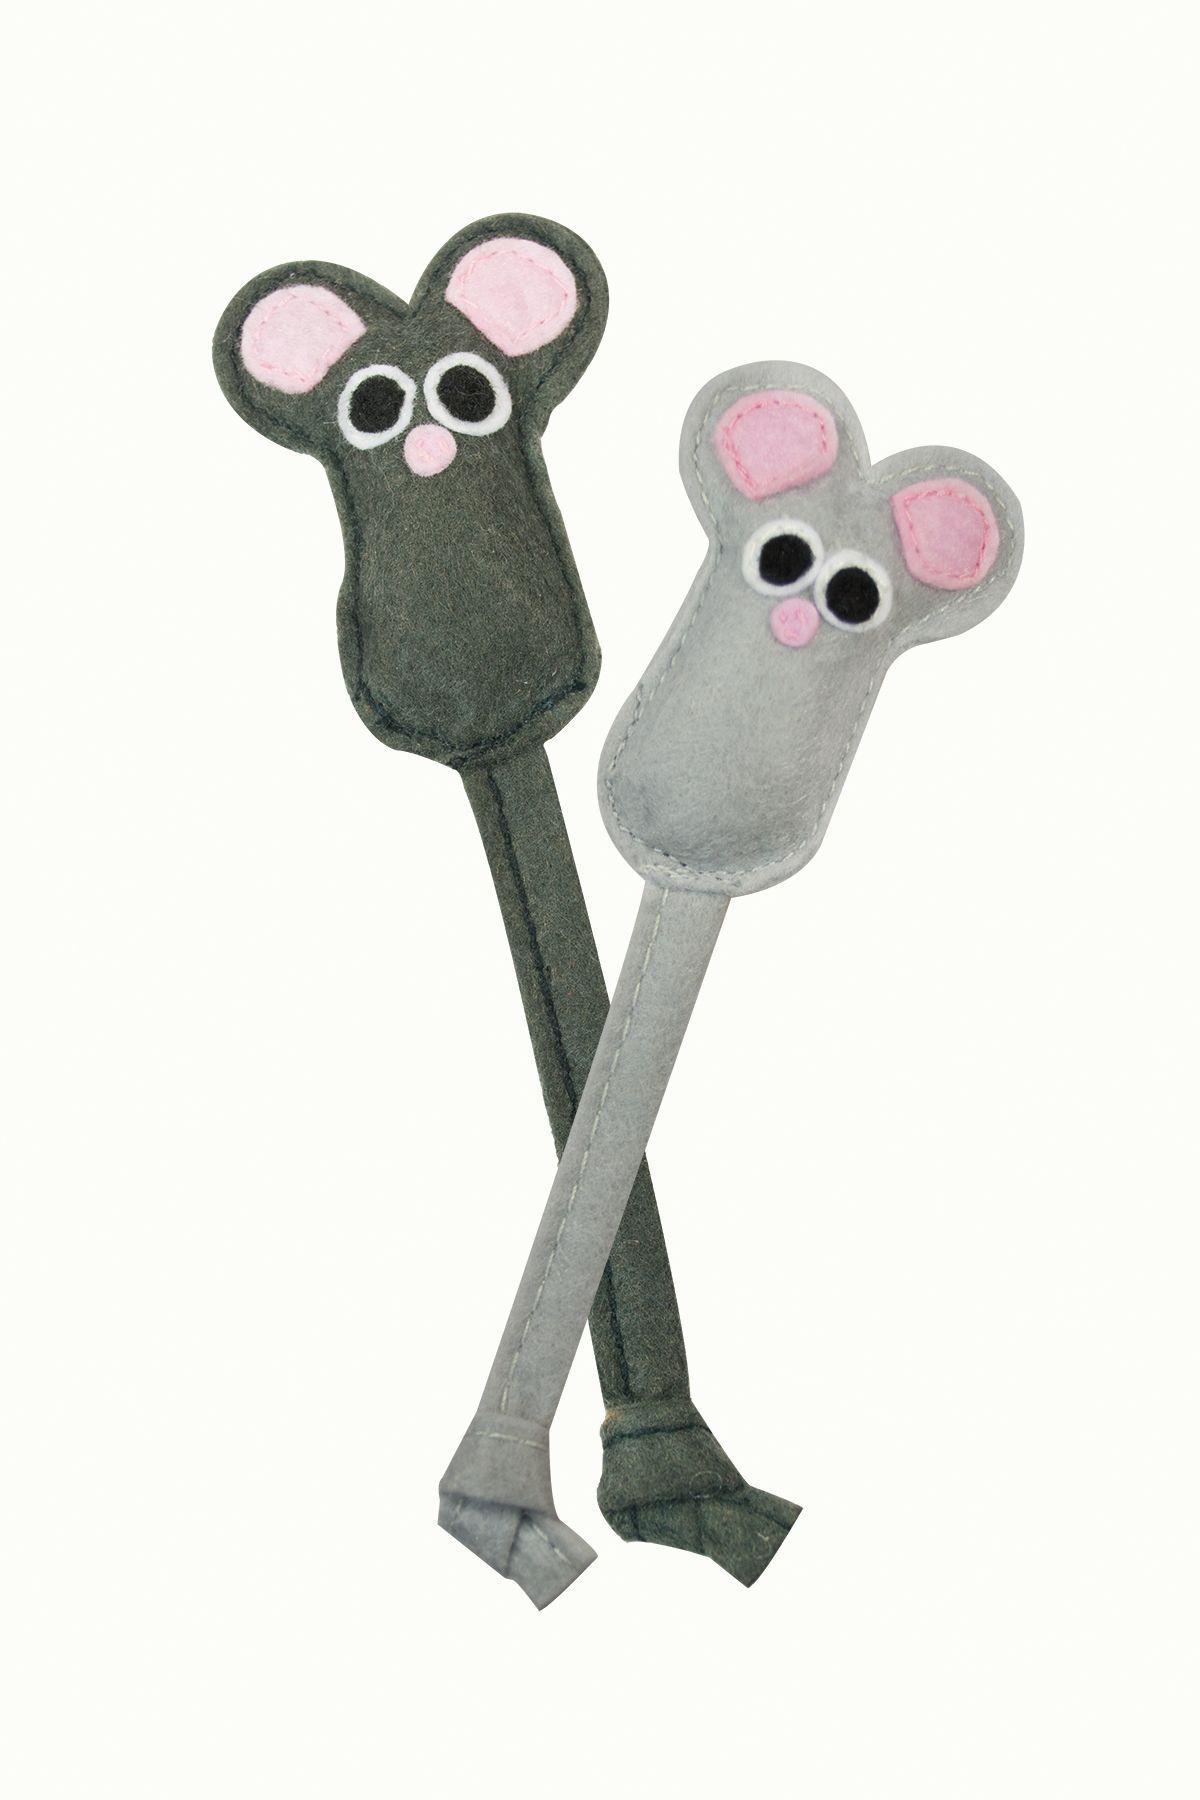 Игрушка для кошек Petstages мышка фетровая 2 шт.